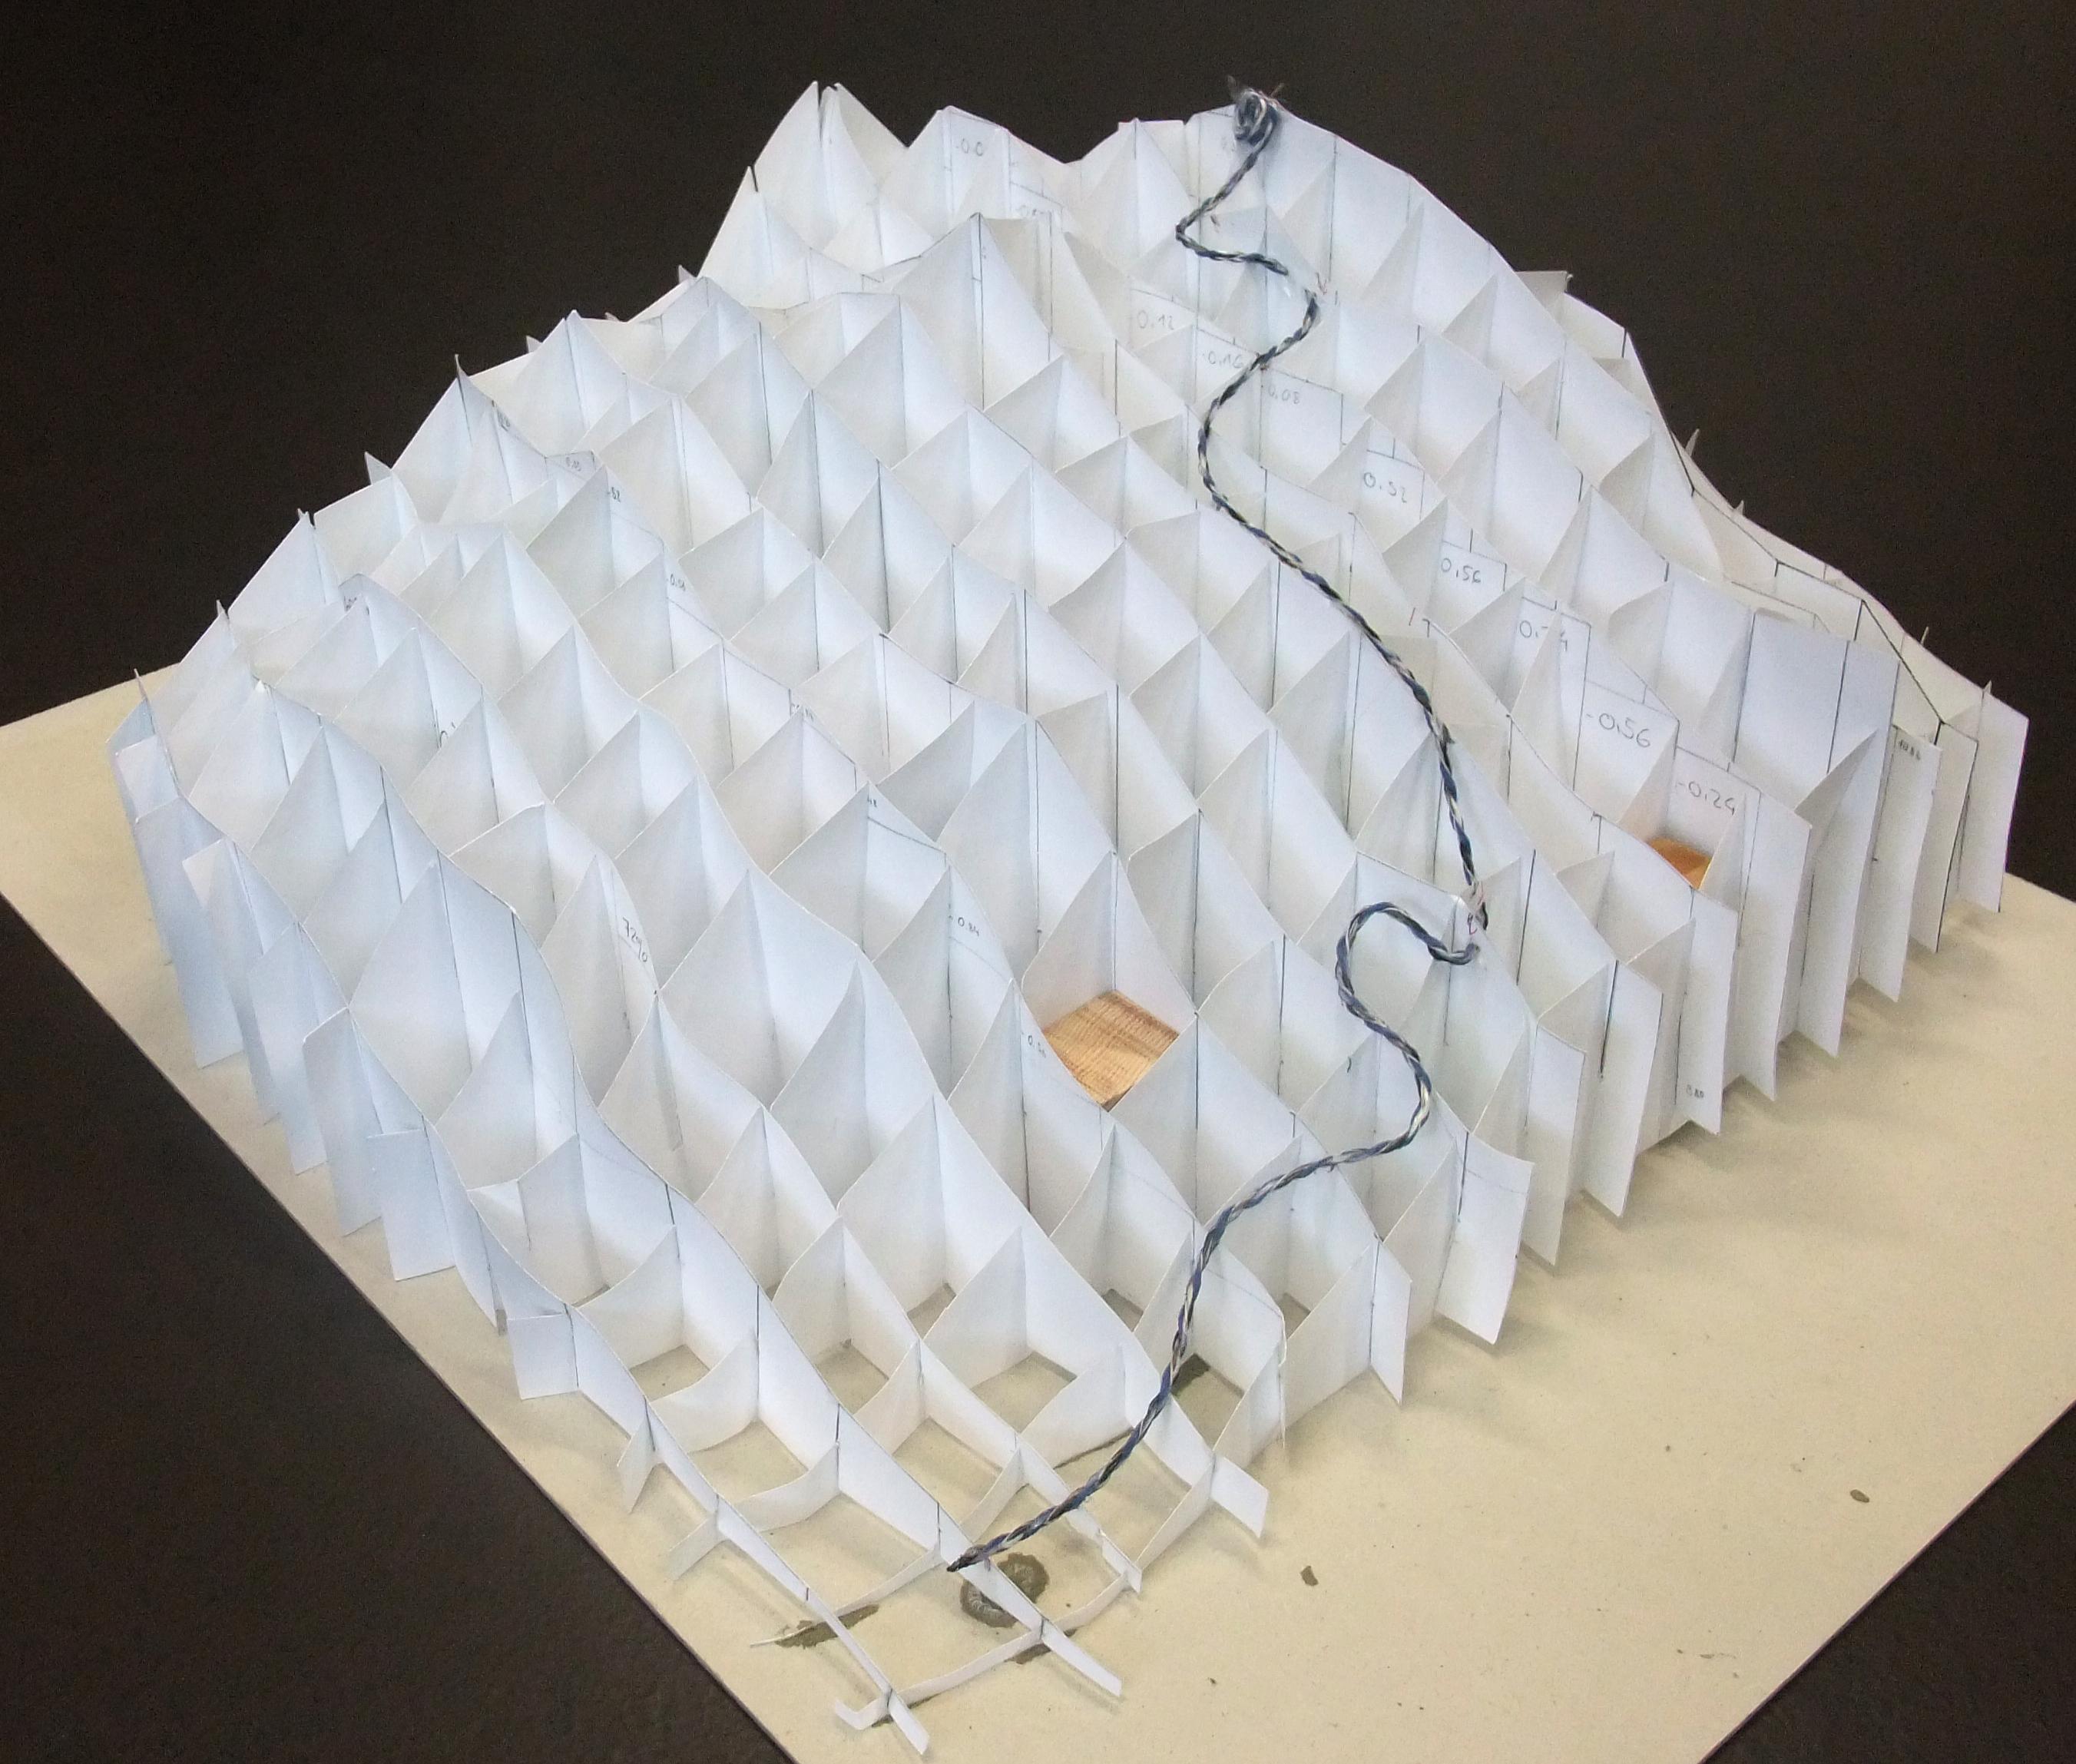 Vignette pour un objet LOM Klassenprojekt 3D-Profil Pilatus Südseite